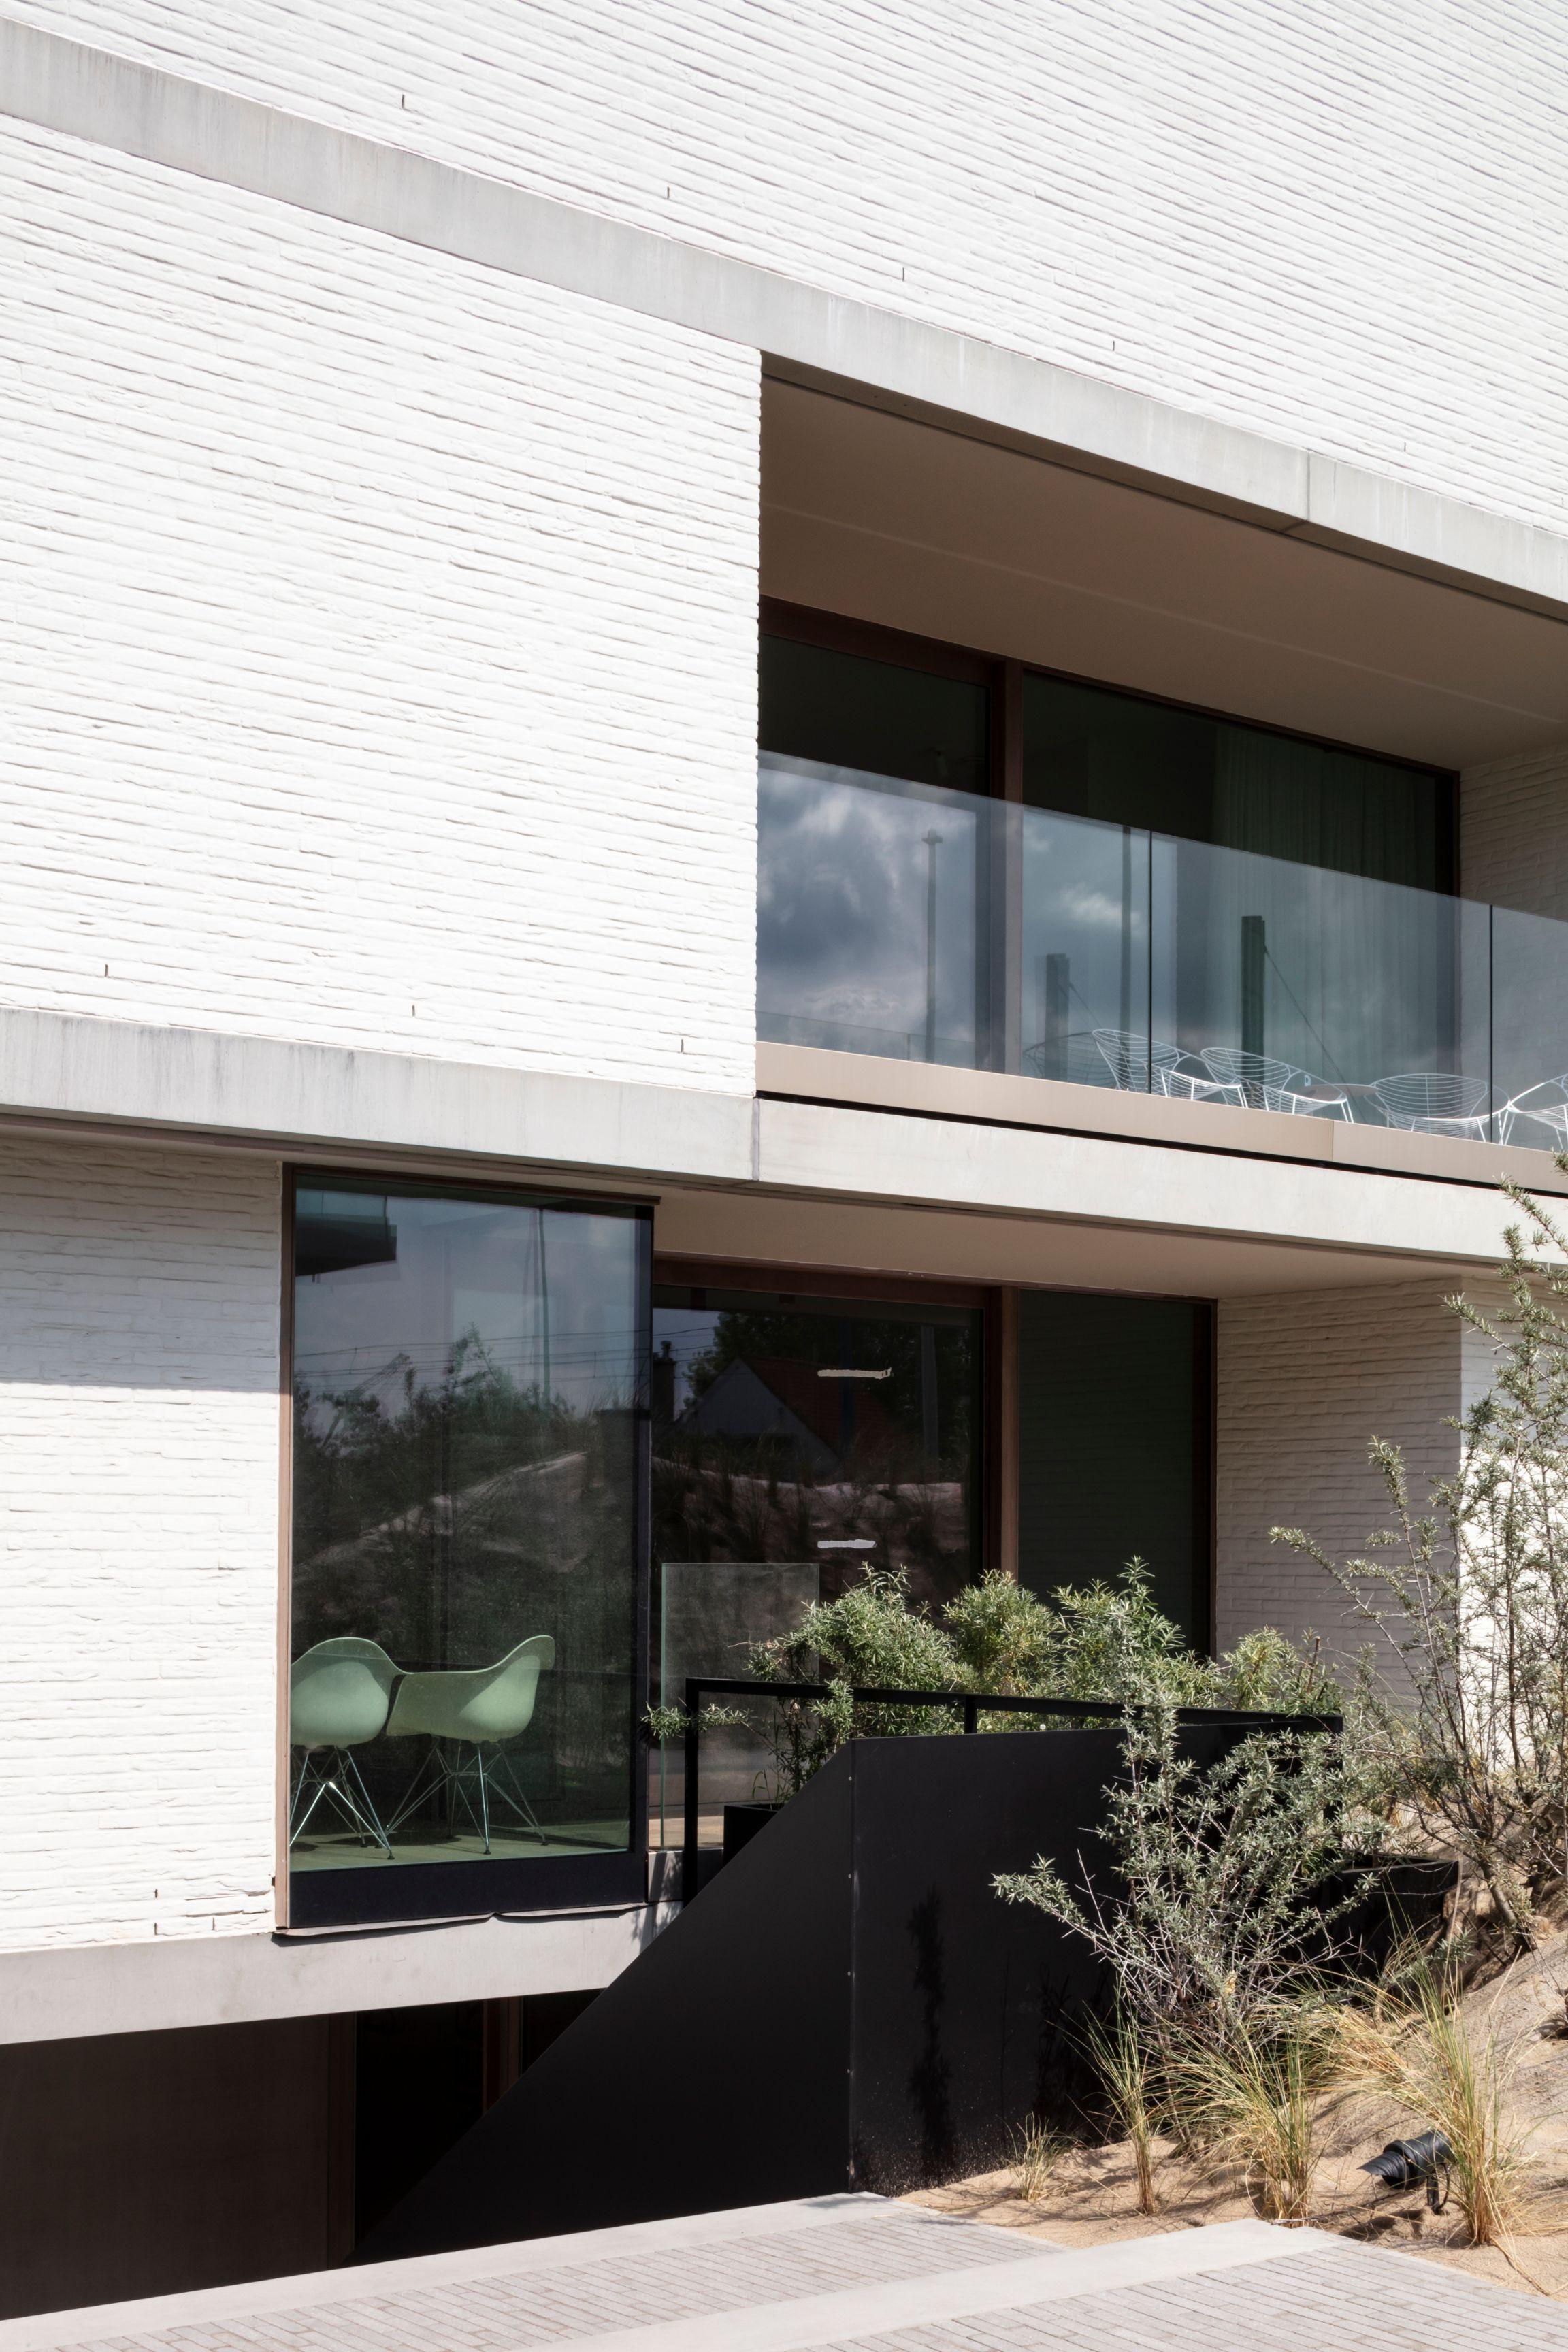 Hans Wegner - Rietveldprojects - Koksijde - Tvdv27.jpg